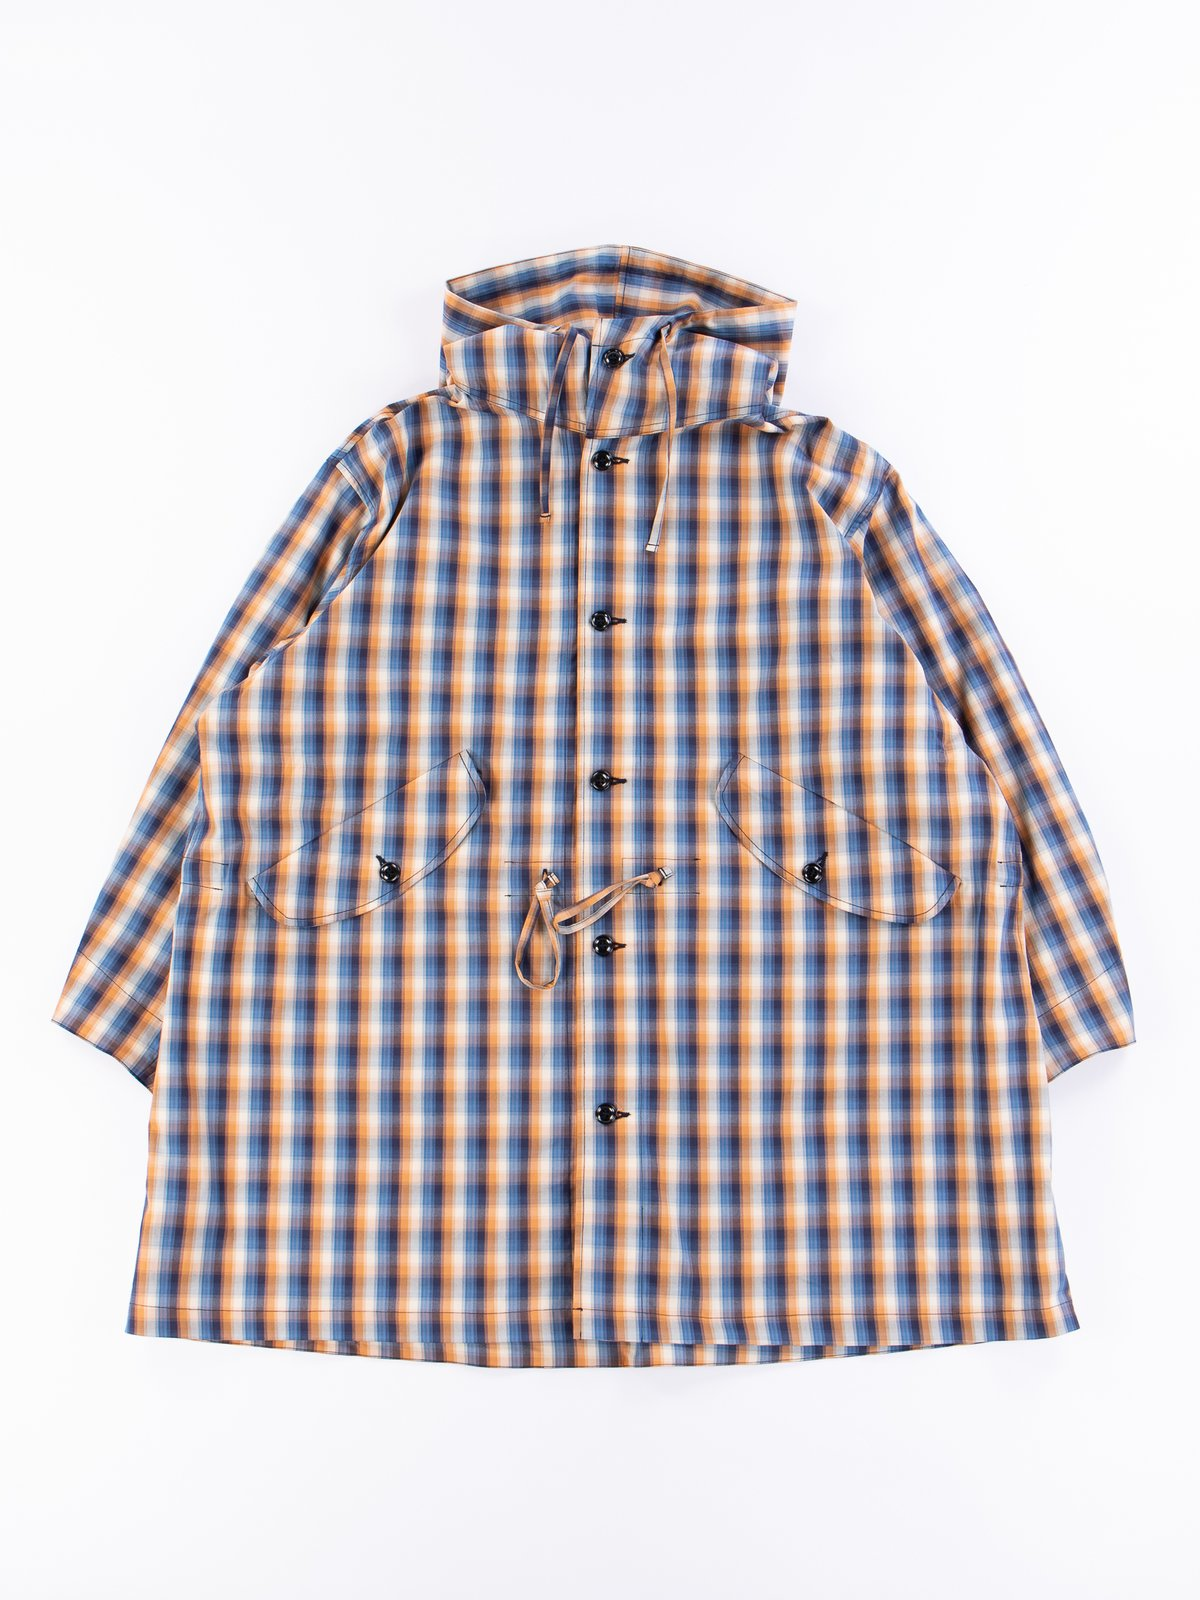 Blue/Orange Plaid Oxford Vancloth Czech Coat - Image 1